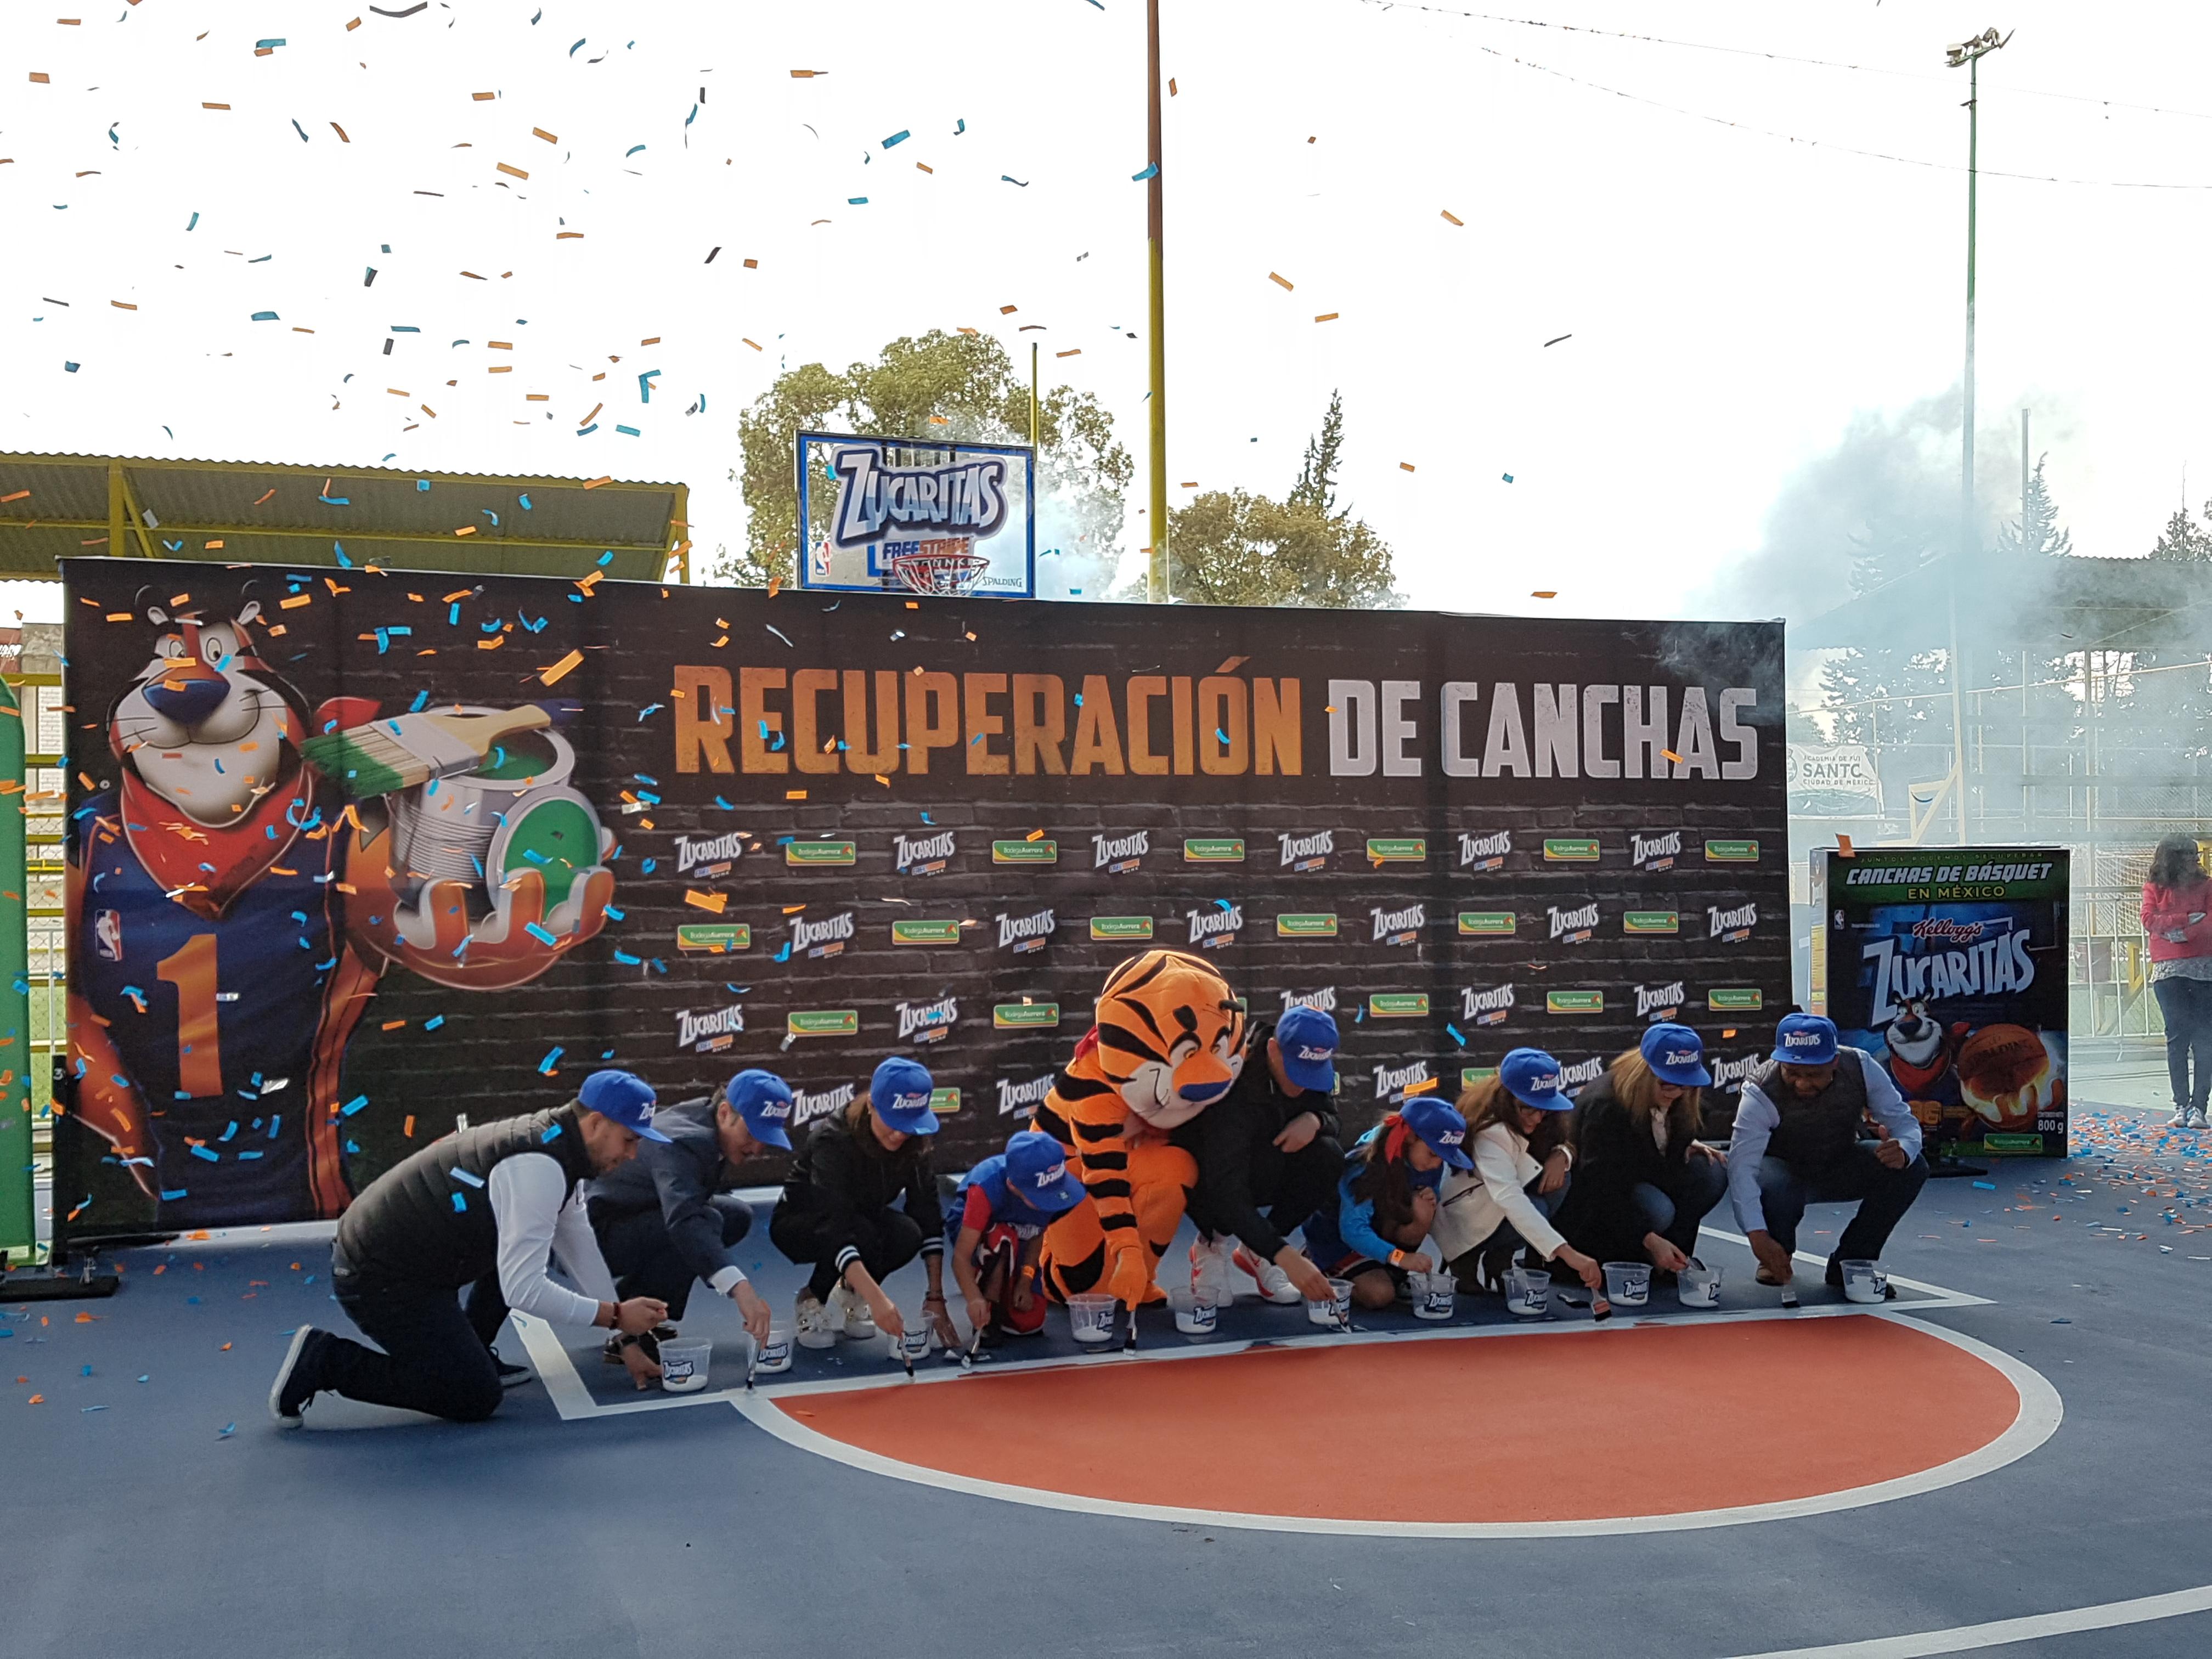 Zucaritas promueve la recuperación de canchas en México 2